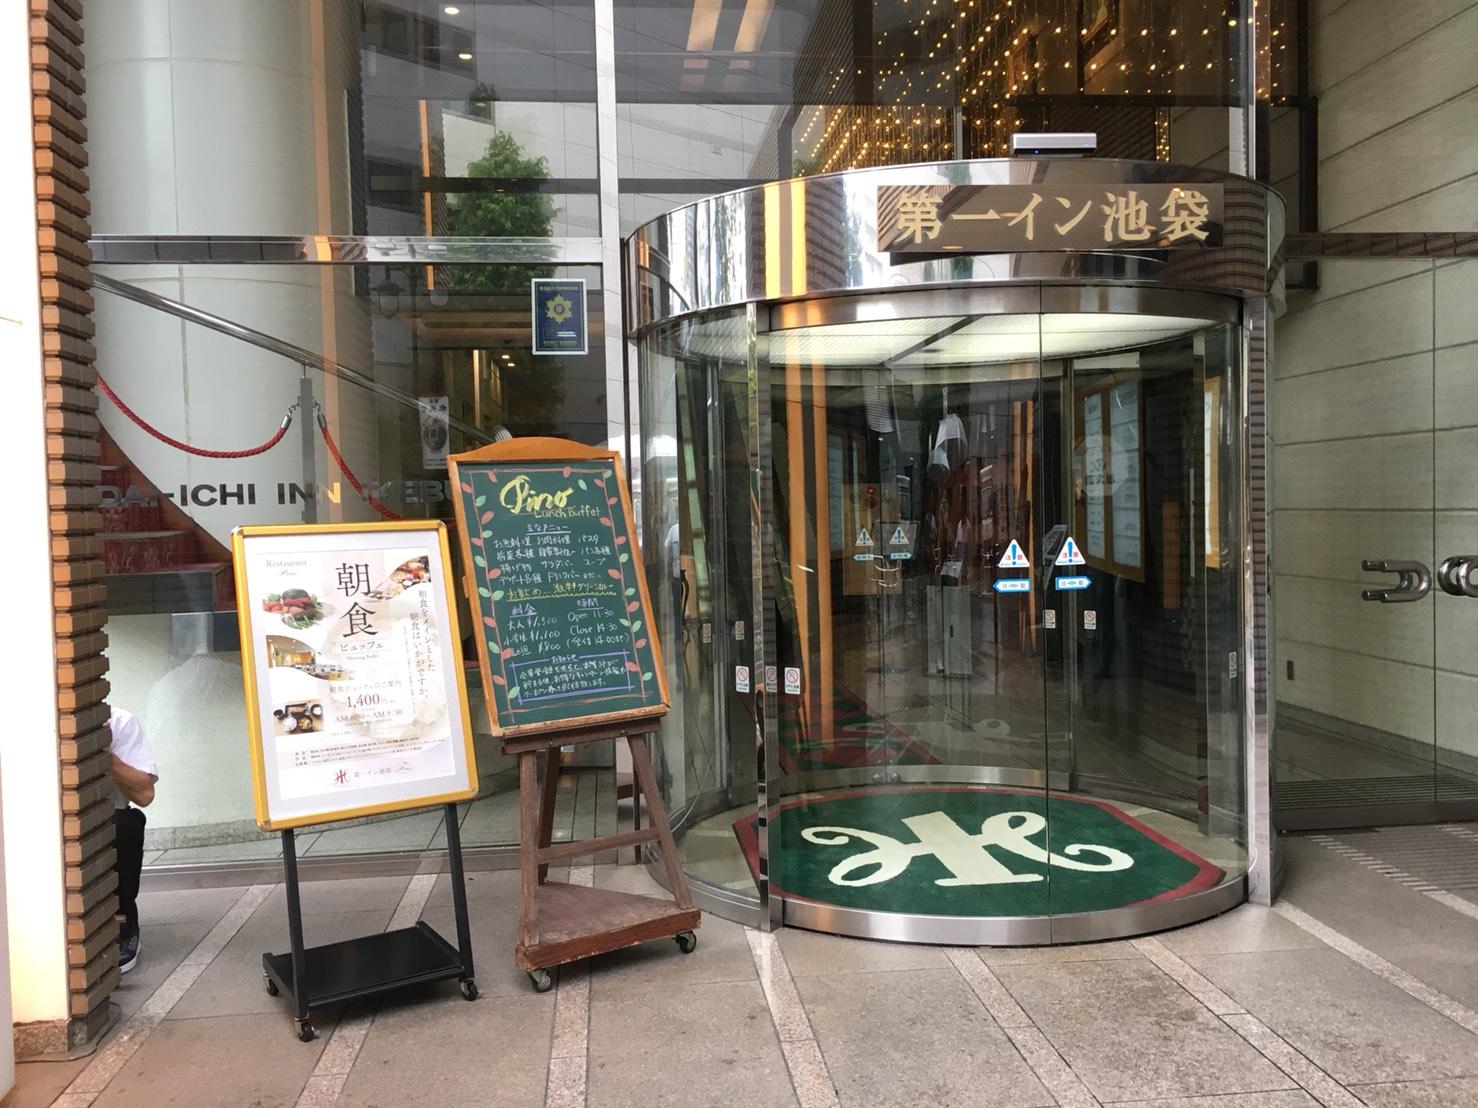 【池袋駅】モーニングビュッフェも最強だったレストラン「ピノ」の第一イン外観